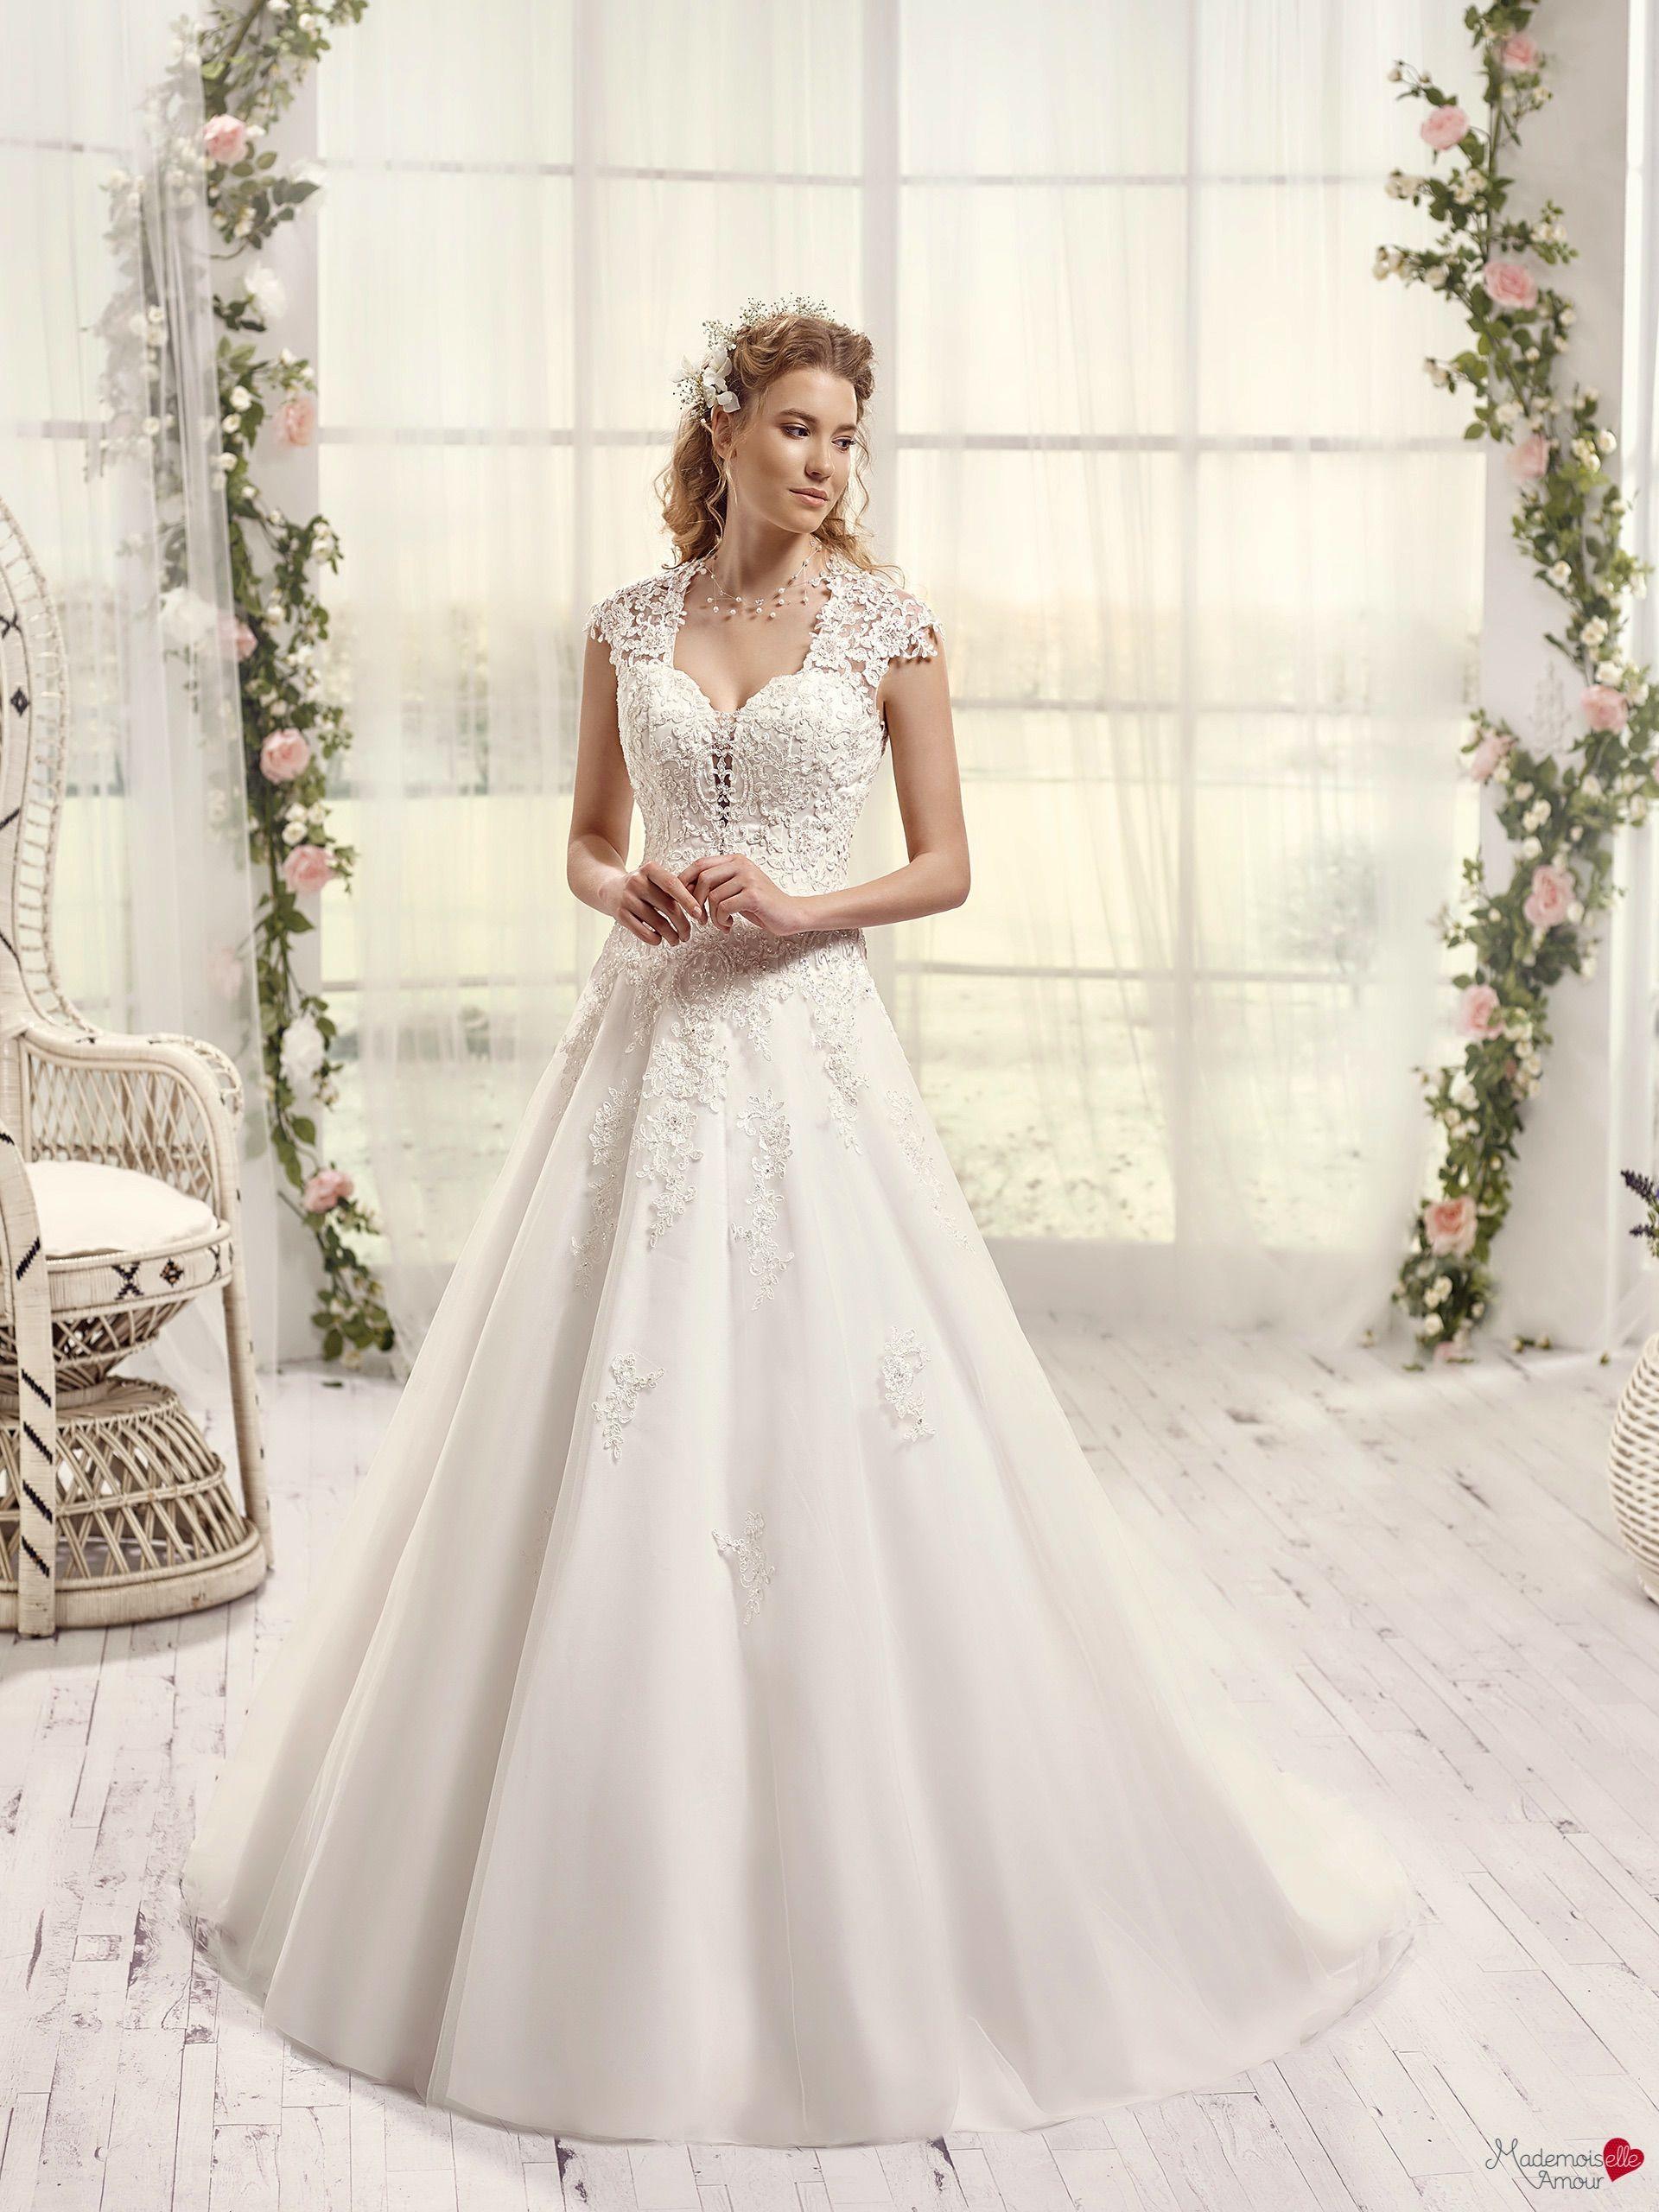 robes de mari e mademoiselle amour mod le mlle pashmina On emplois de modèle de robe de mariage